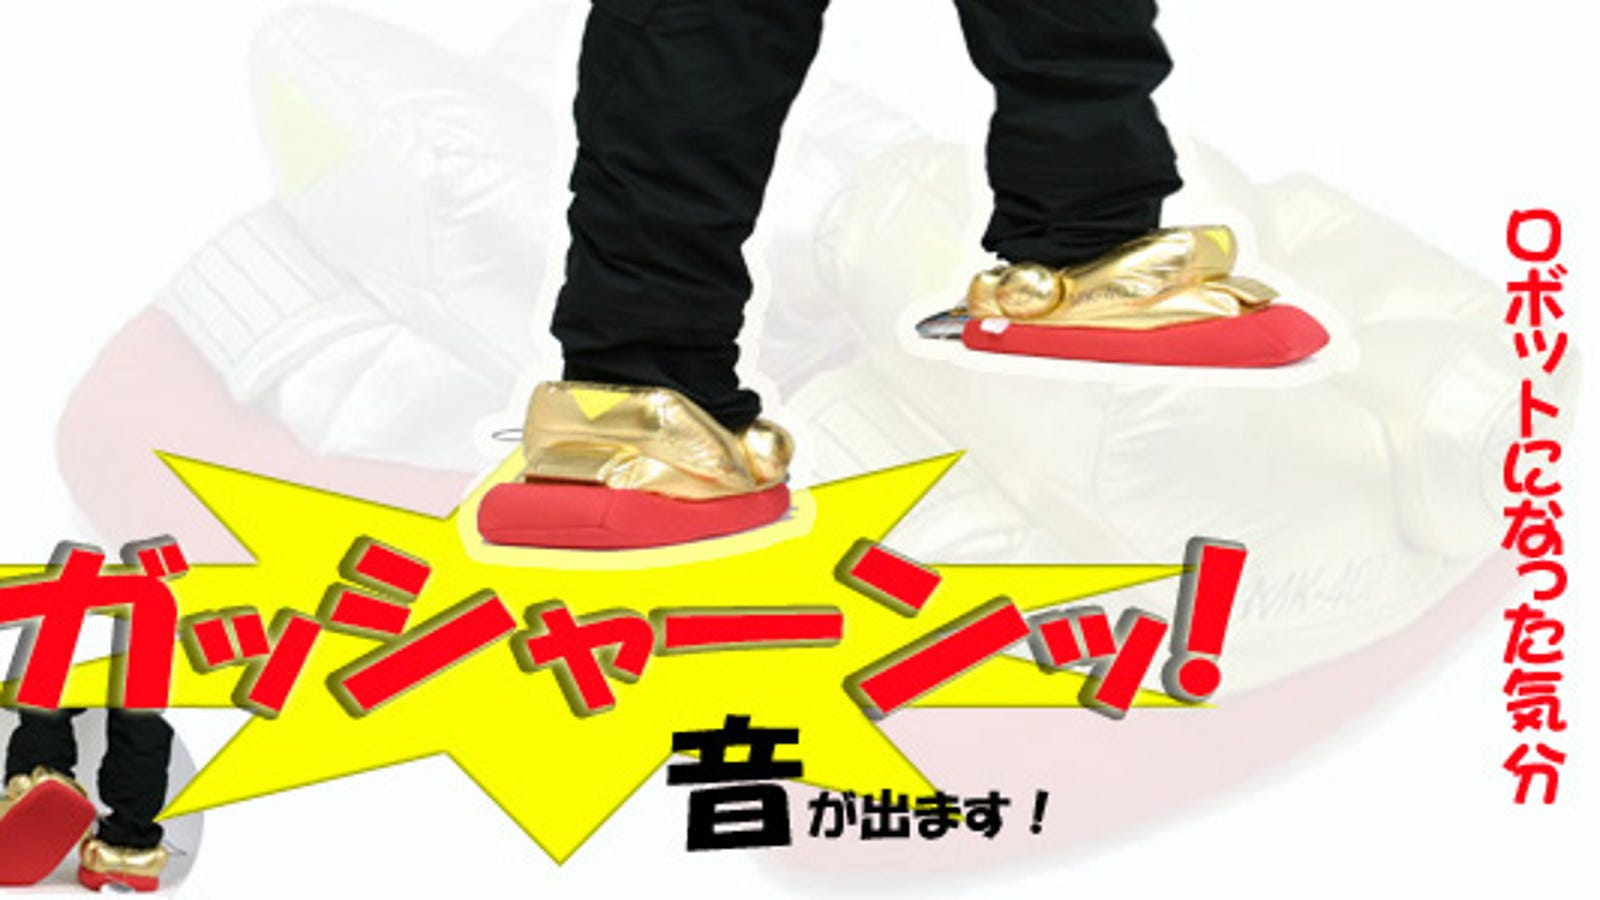 70571c762954 Japanese Gundam Slippers Make Giant Robot Noises